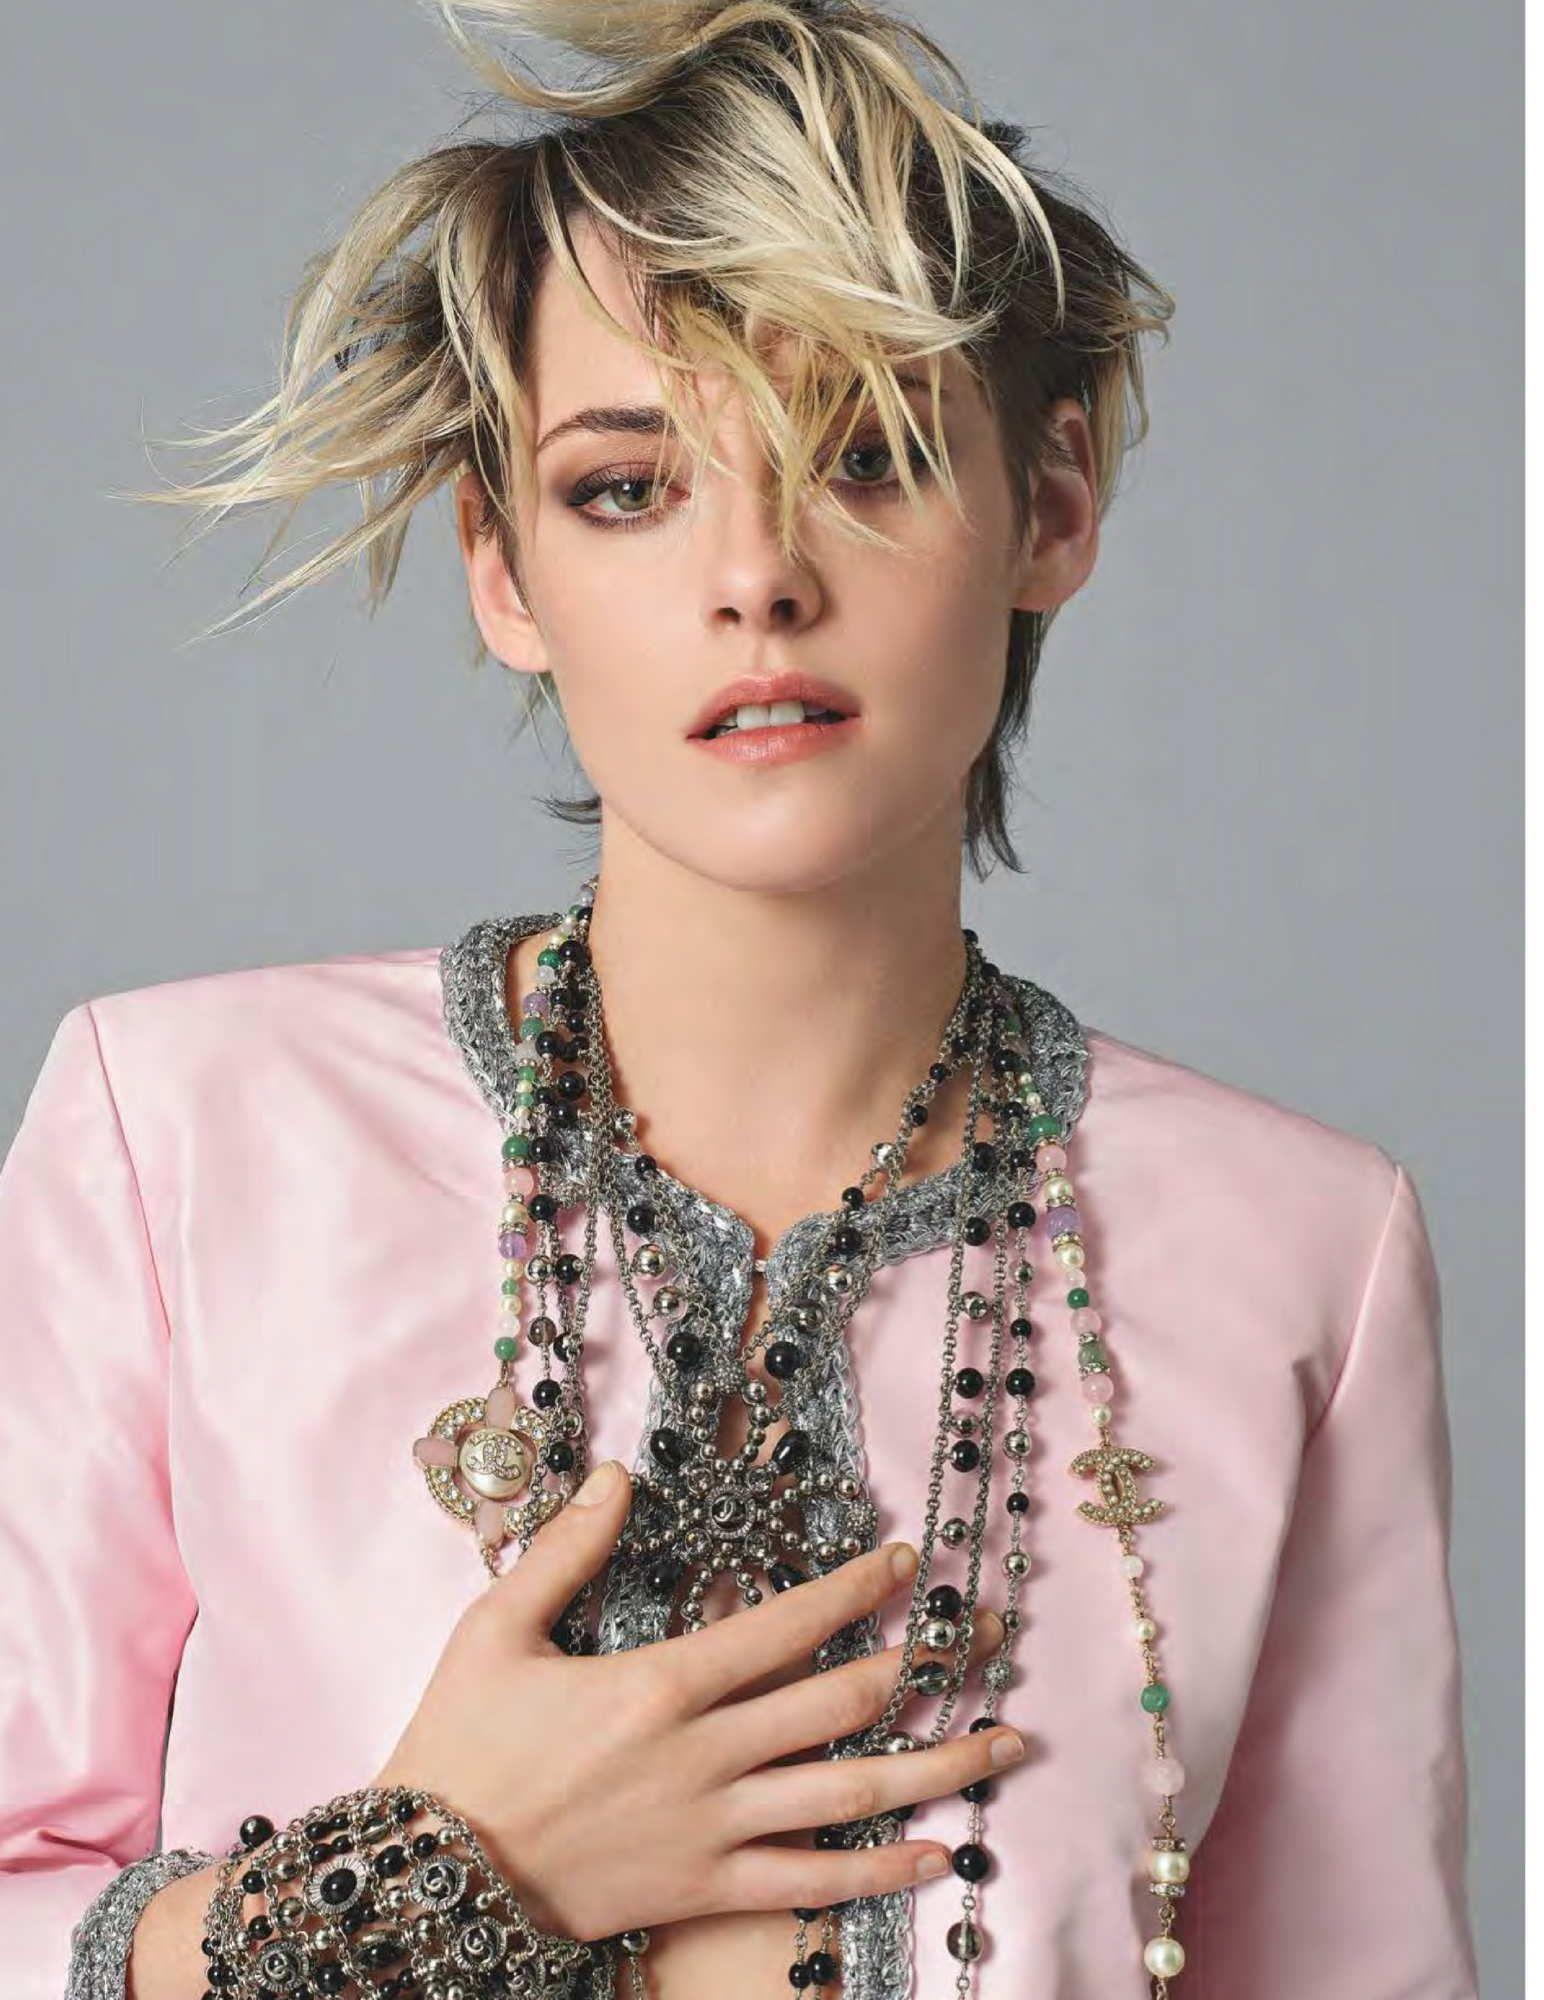 Kristen Stewart Chanel Spring 2020 Campaign in 2020